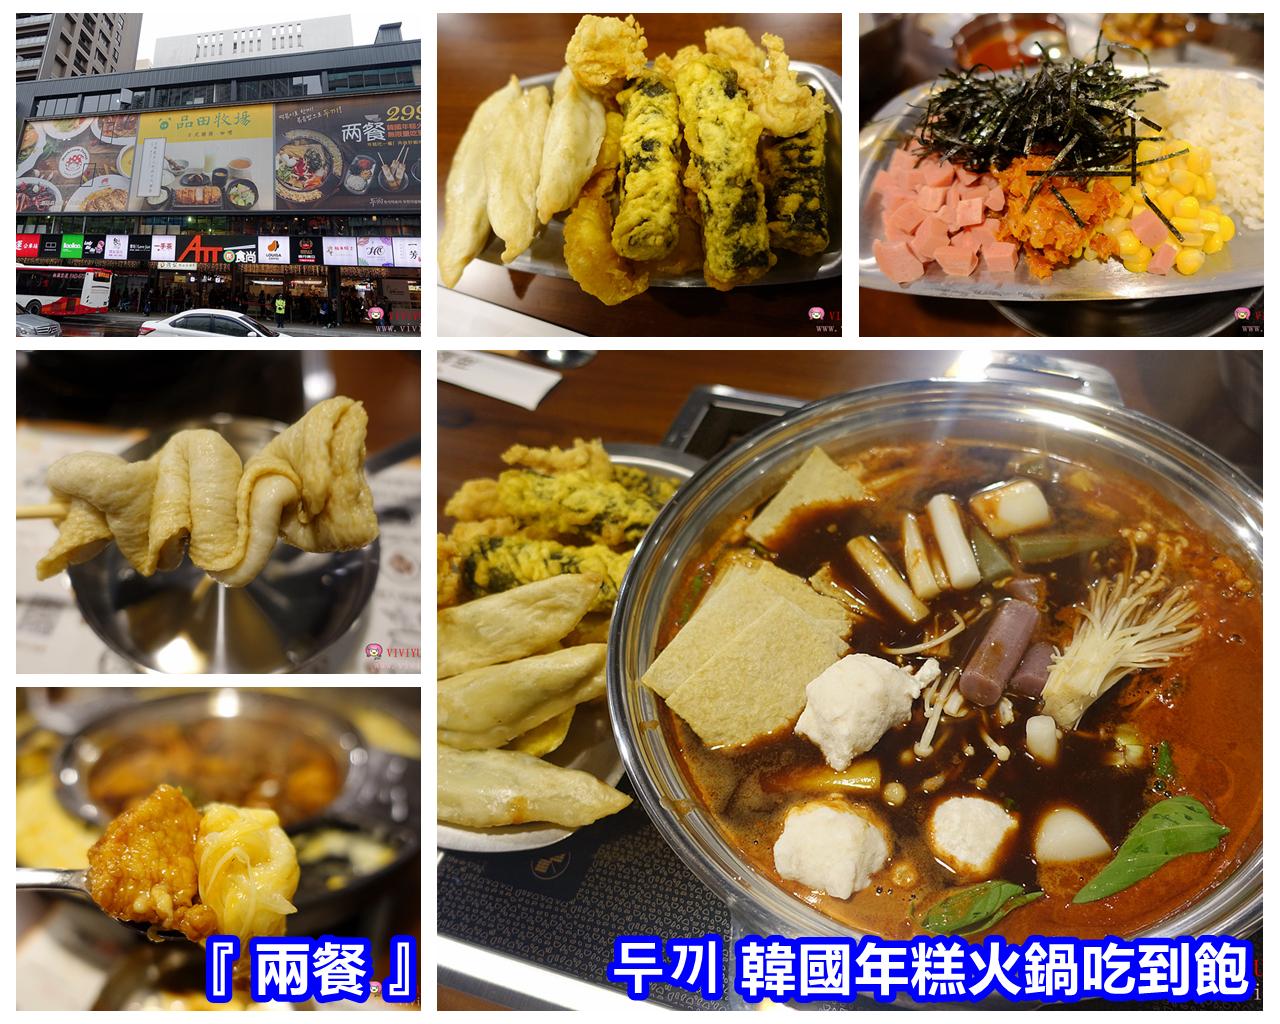 [桃園.美食]ATT筷時尚品牌一覽~『 兩餐 』 두끼 韓國年糕火鍋.每人299元吃到飽